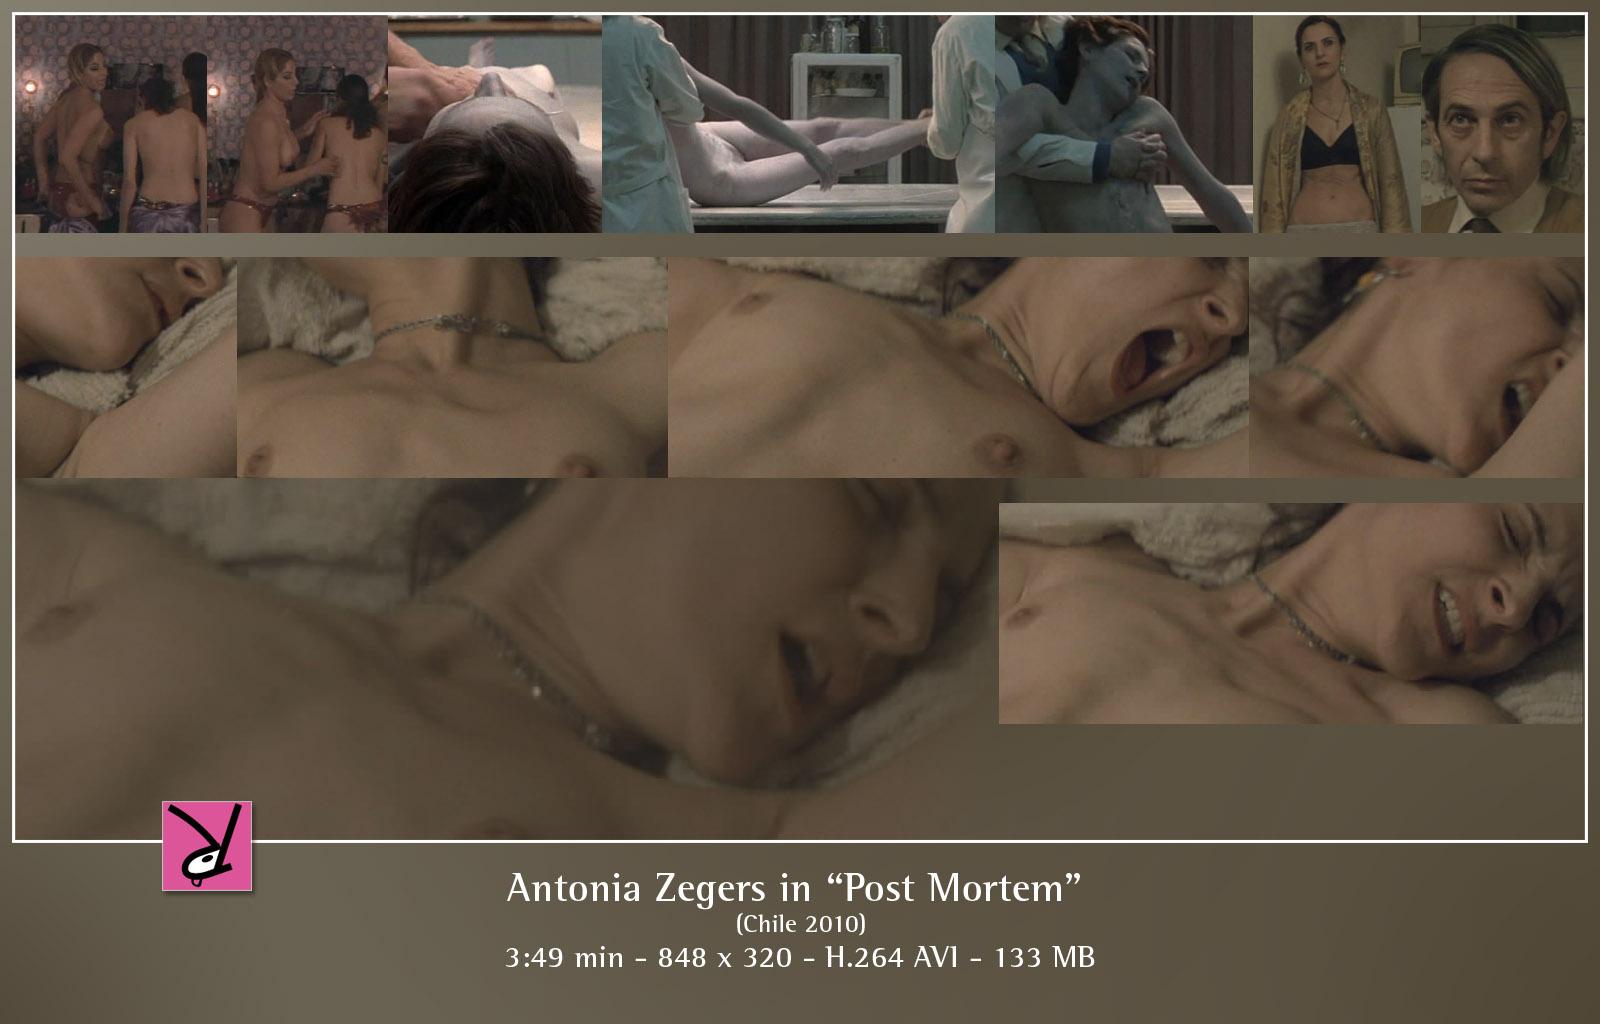 nackt Zegers Antonia Antonia Zegers